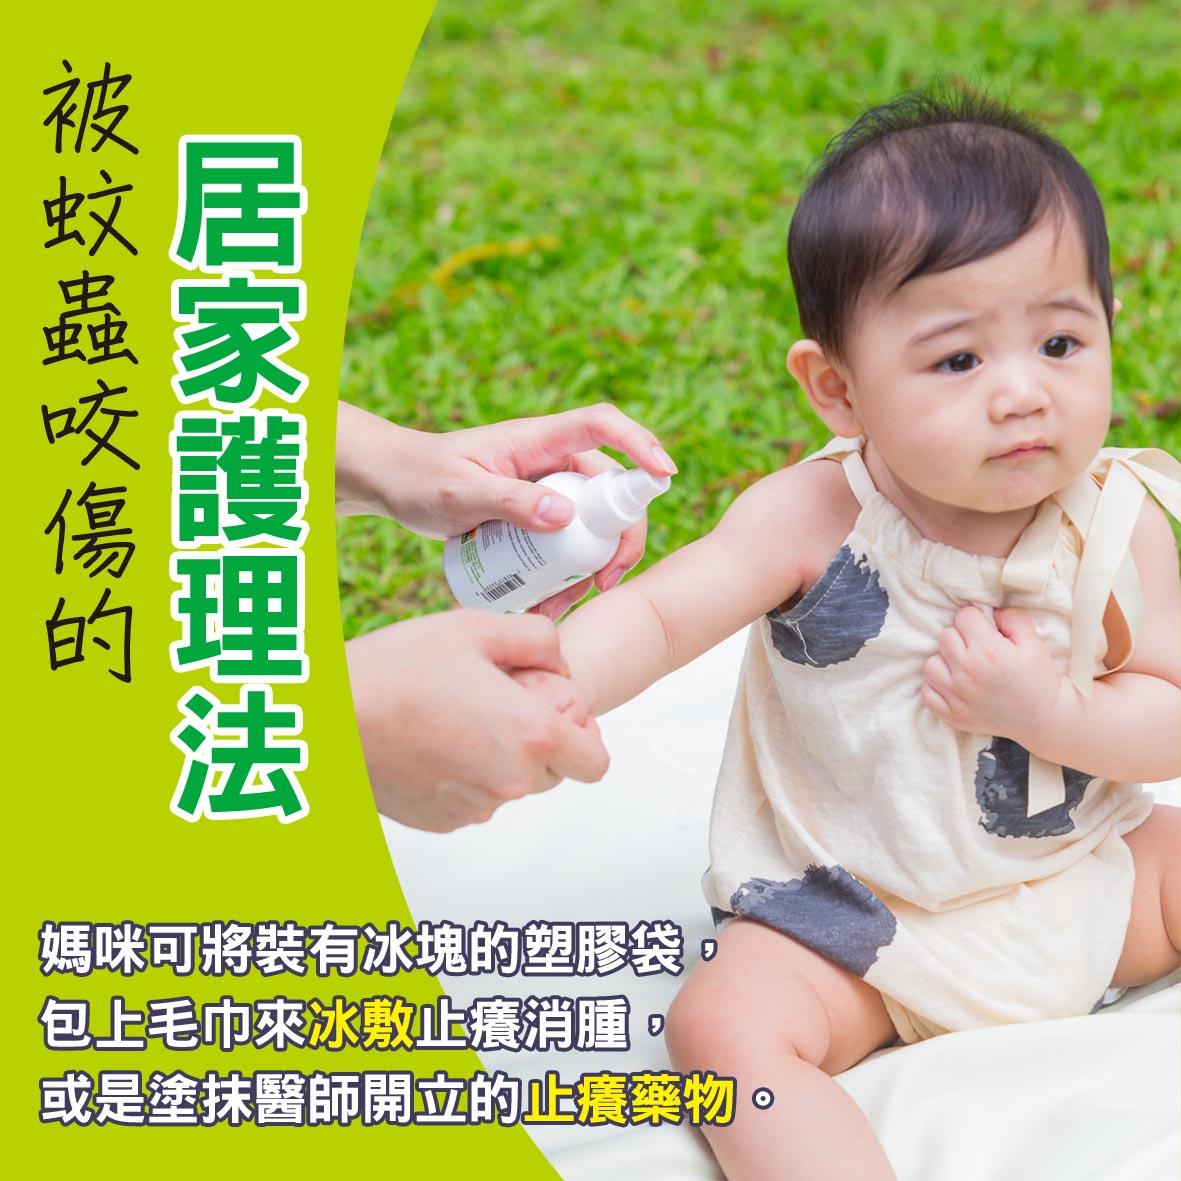 寶寶篇第43週-被蚊蟲咬傷的居家護理法